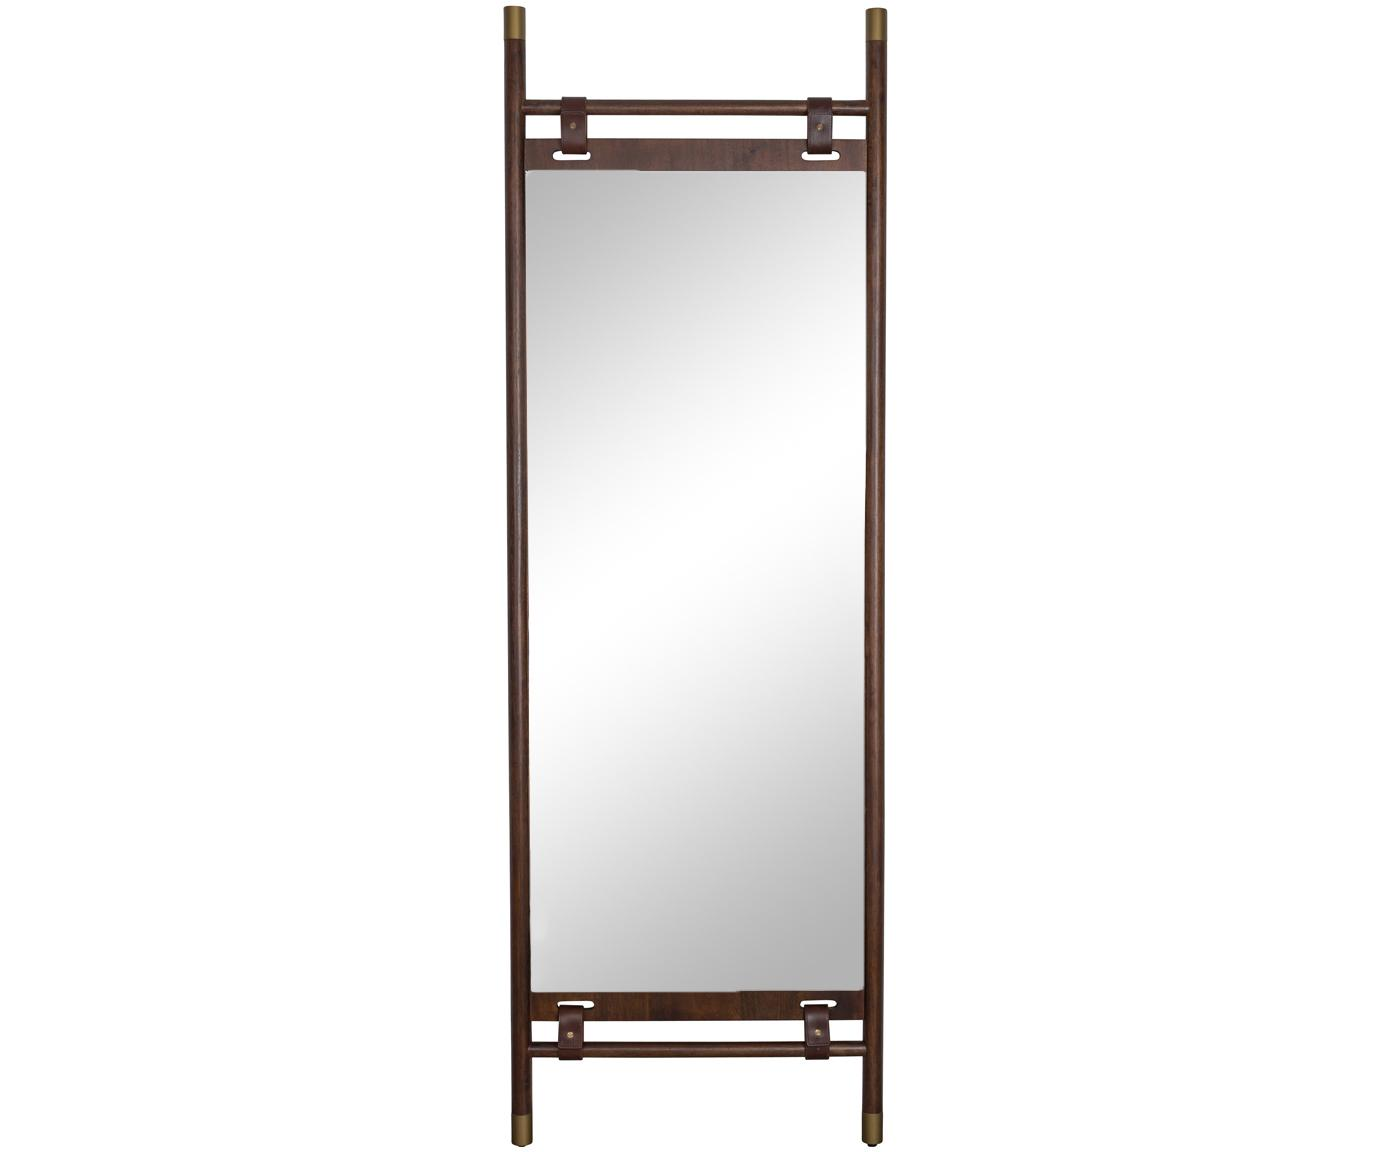 Specchio da terra con cinturini in pelle Riva, Struttura: legno di faggio, Superficie dello specchio: lastra di vetro Fascia in, Cornice: marrone scuro Superficie dello specchio: lastra di vetro, Larg. 60 x Alt. 180 cm